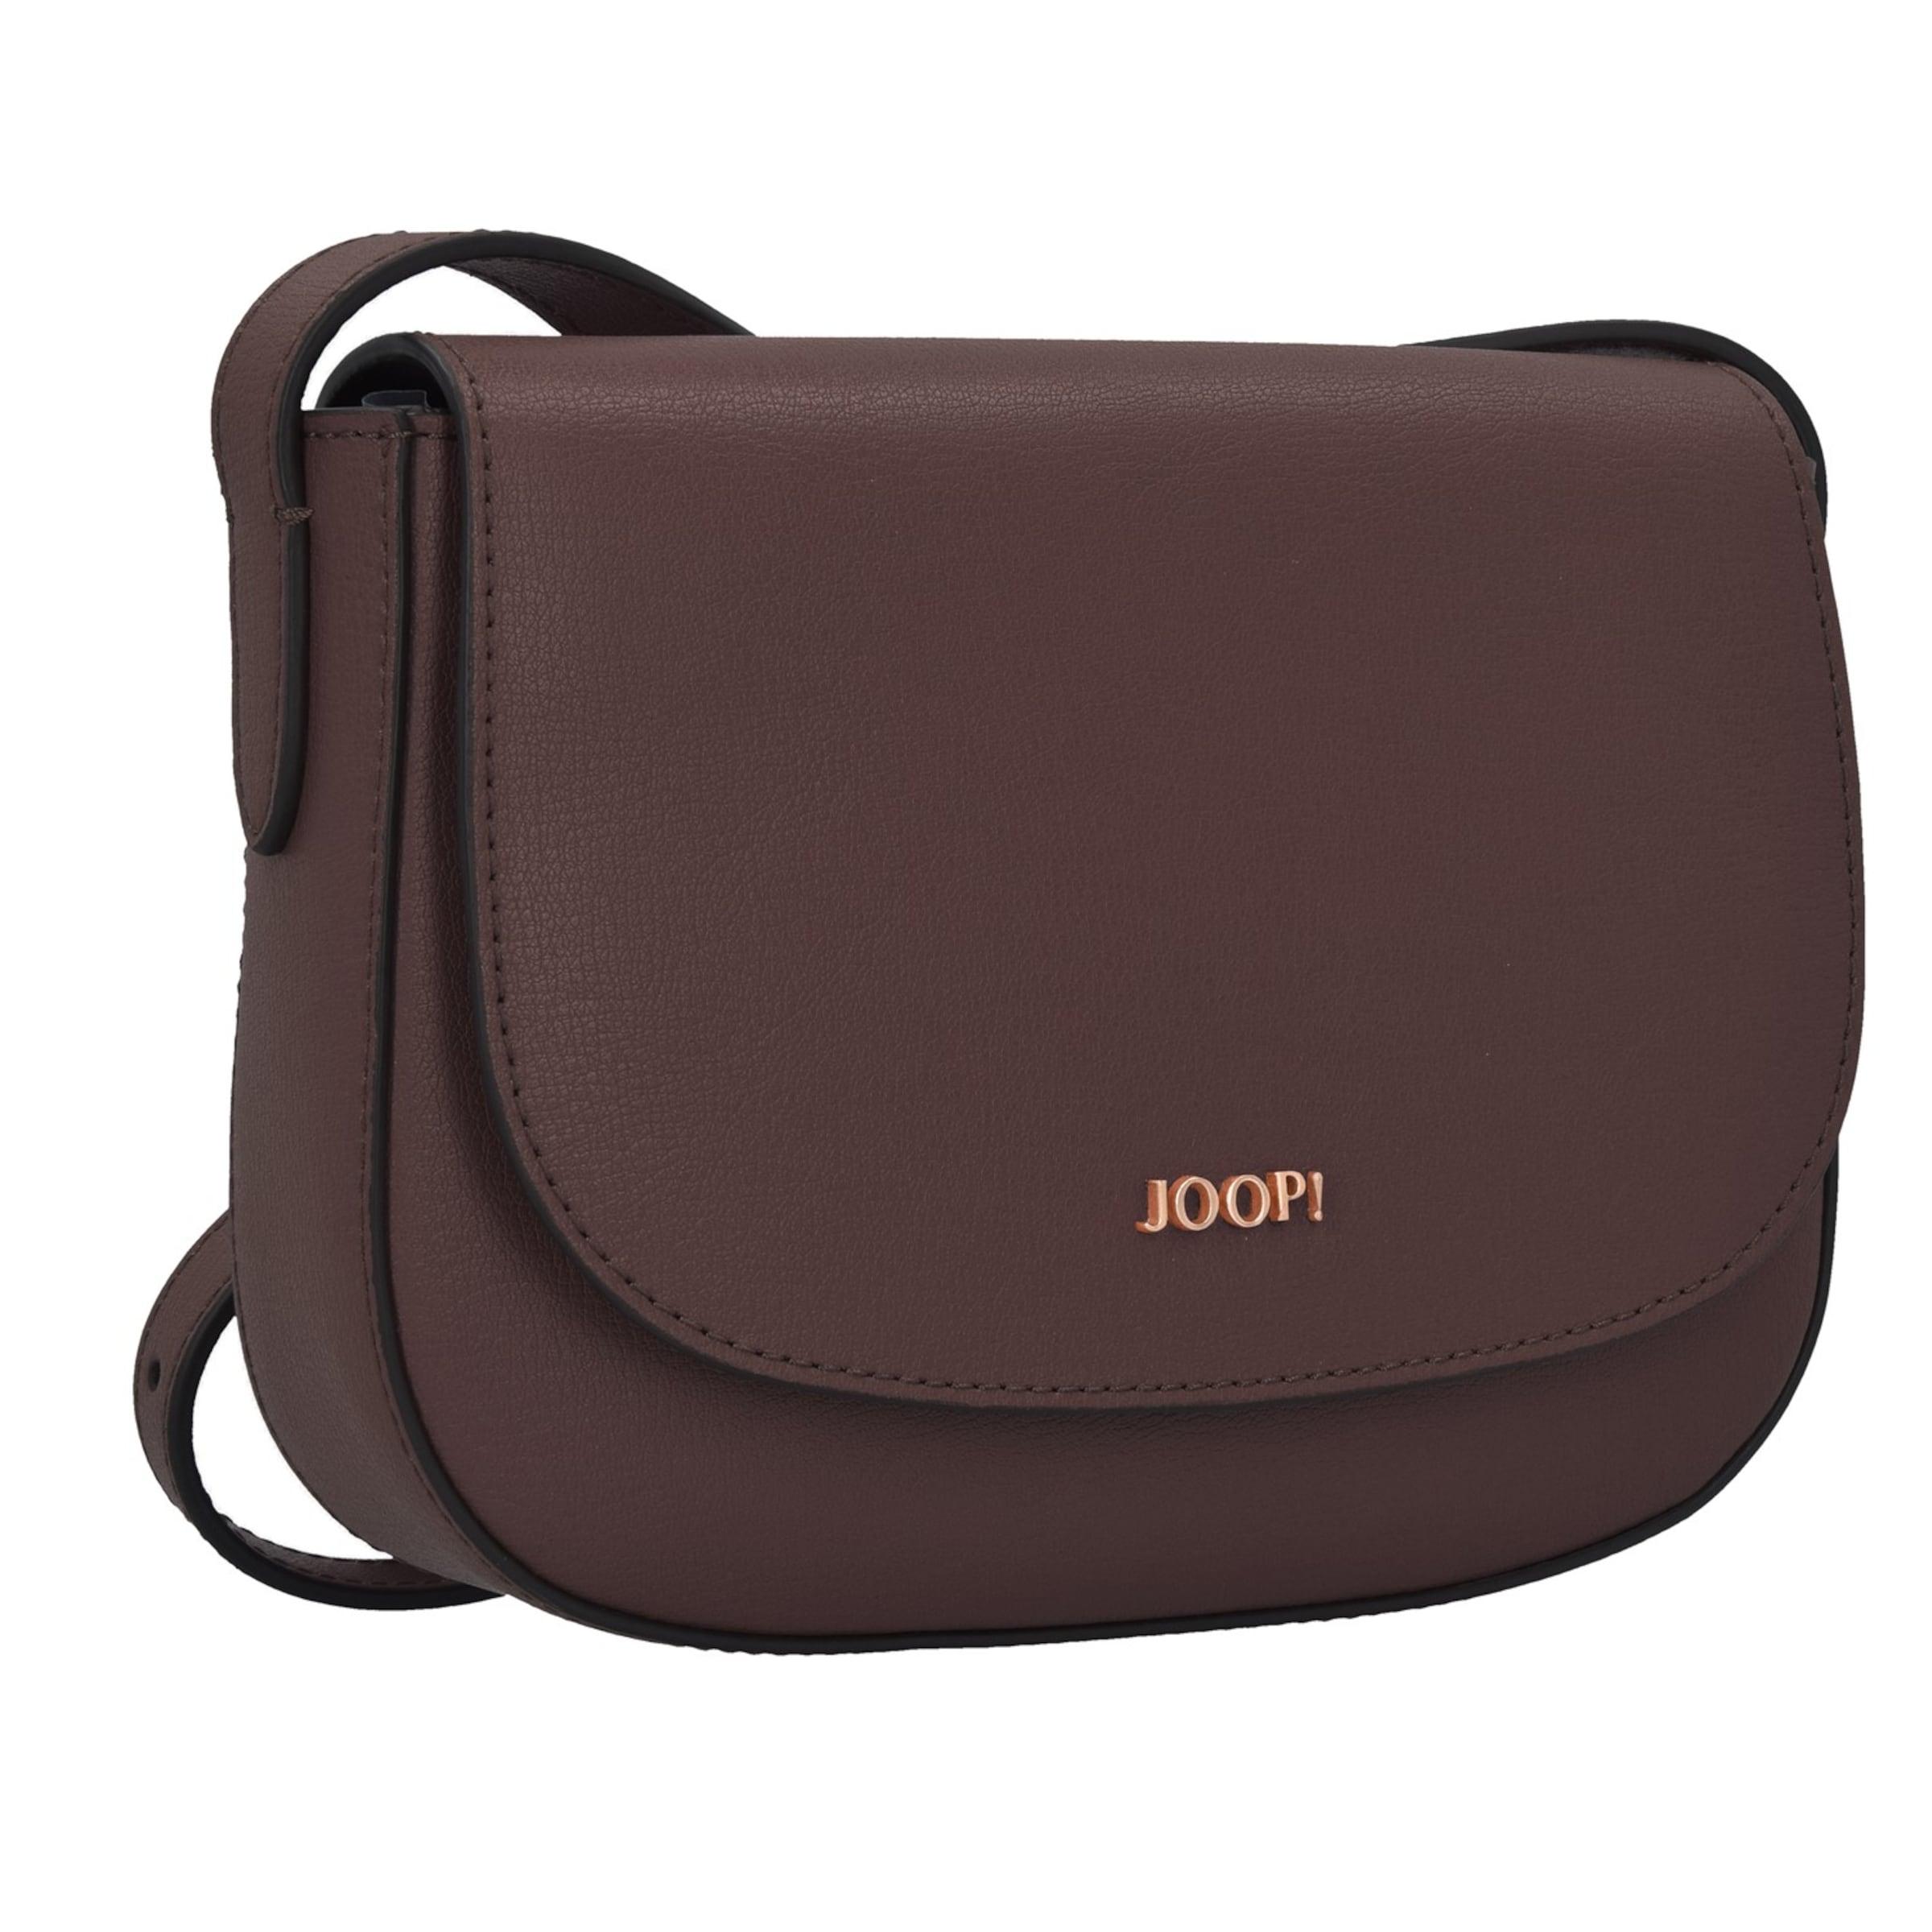 JOOP! 'Pure Demi' Umhängetasche Günstige Spielraum Fälschung Auf Der Suche Nach Billig Verkauf Auslass Eastbay ourG7bqQ